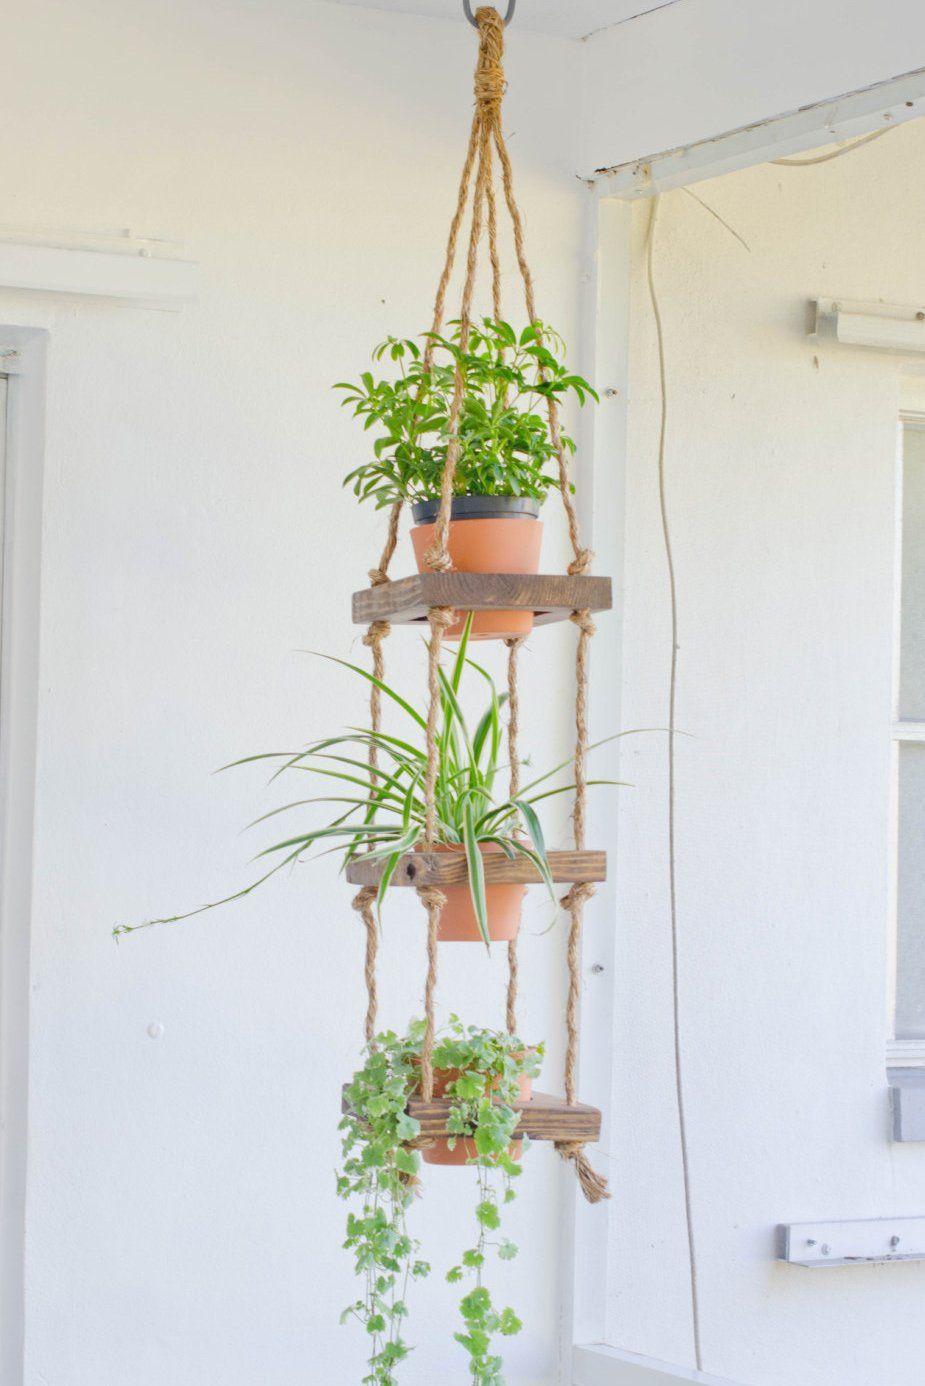 Rustic Hanging Planter Hanging Wood Planter 3 Tier Hanging